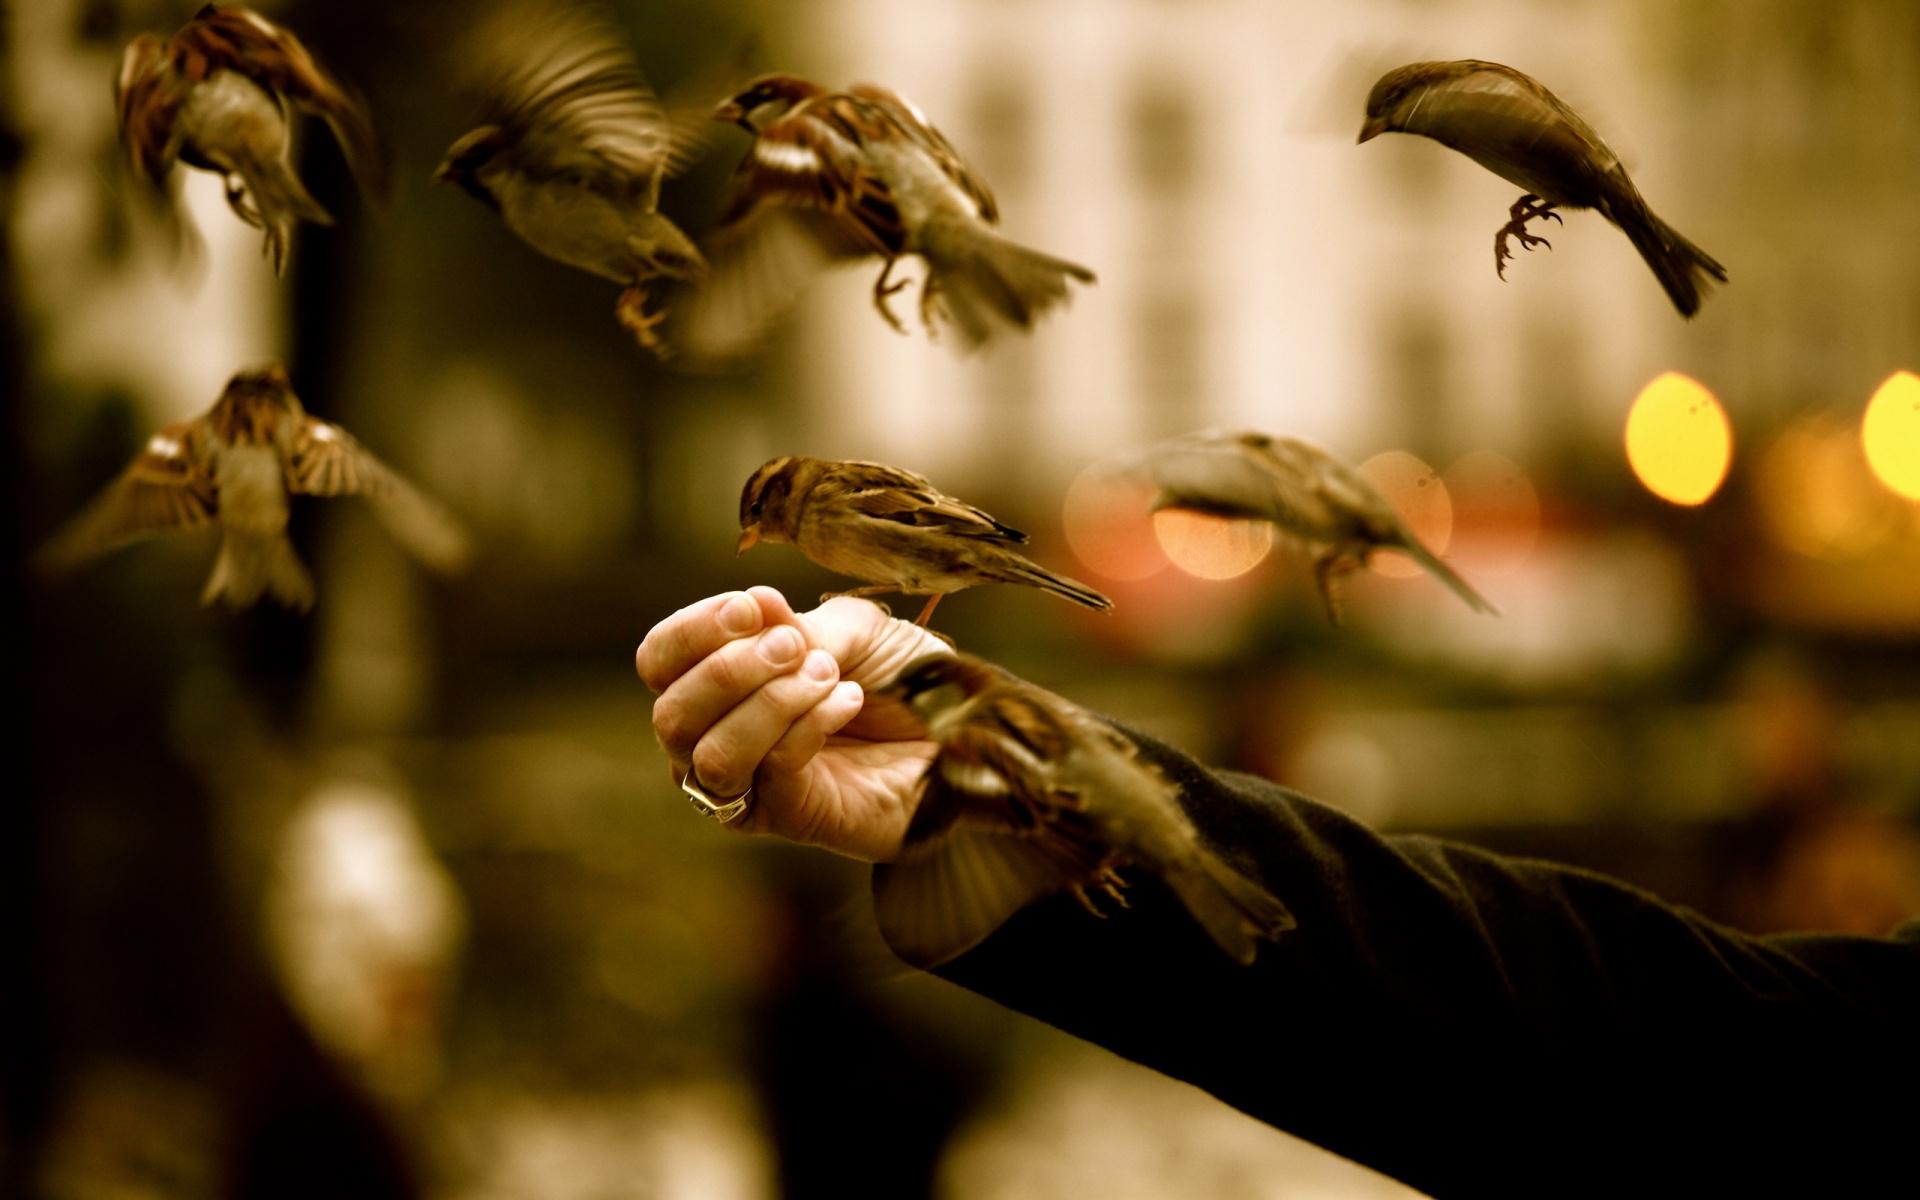 Sparrows-Birds-HD-Wallpapers